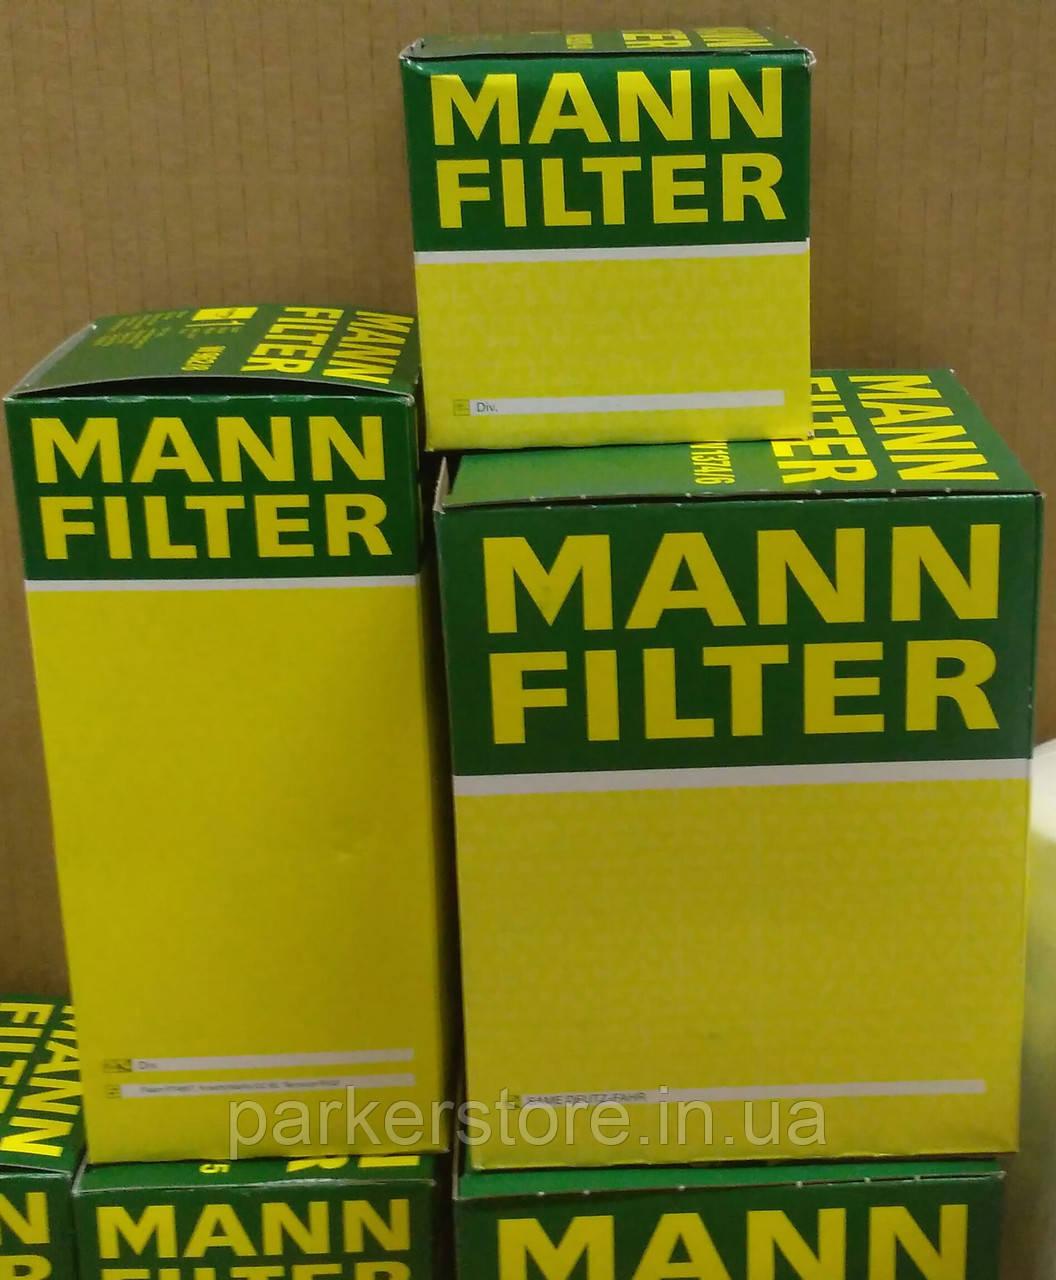 MANN FILTER / Воздушный фильтр / C 3034 / C3034